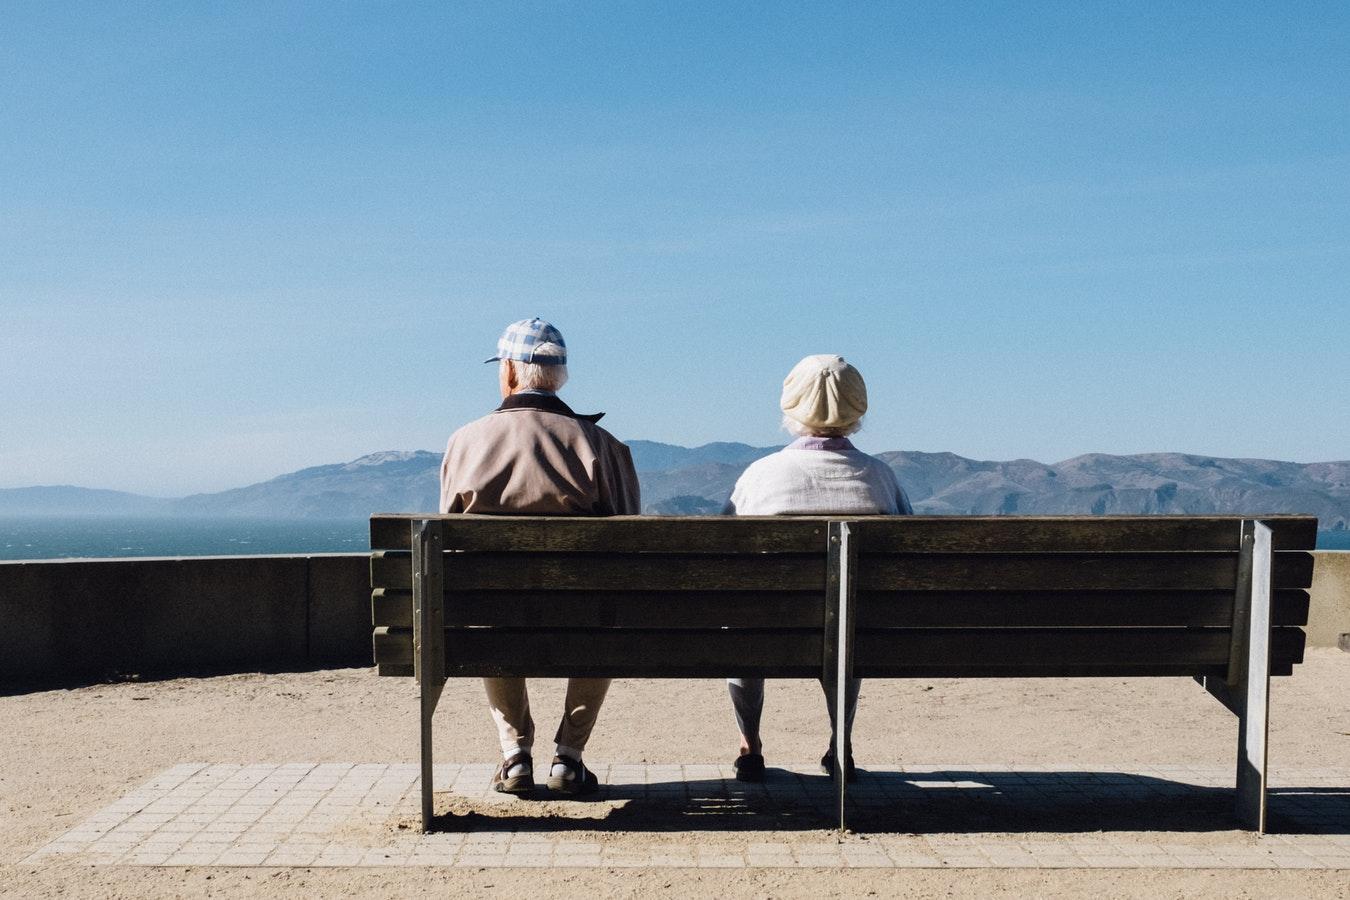 investir pour préparer sa retraite